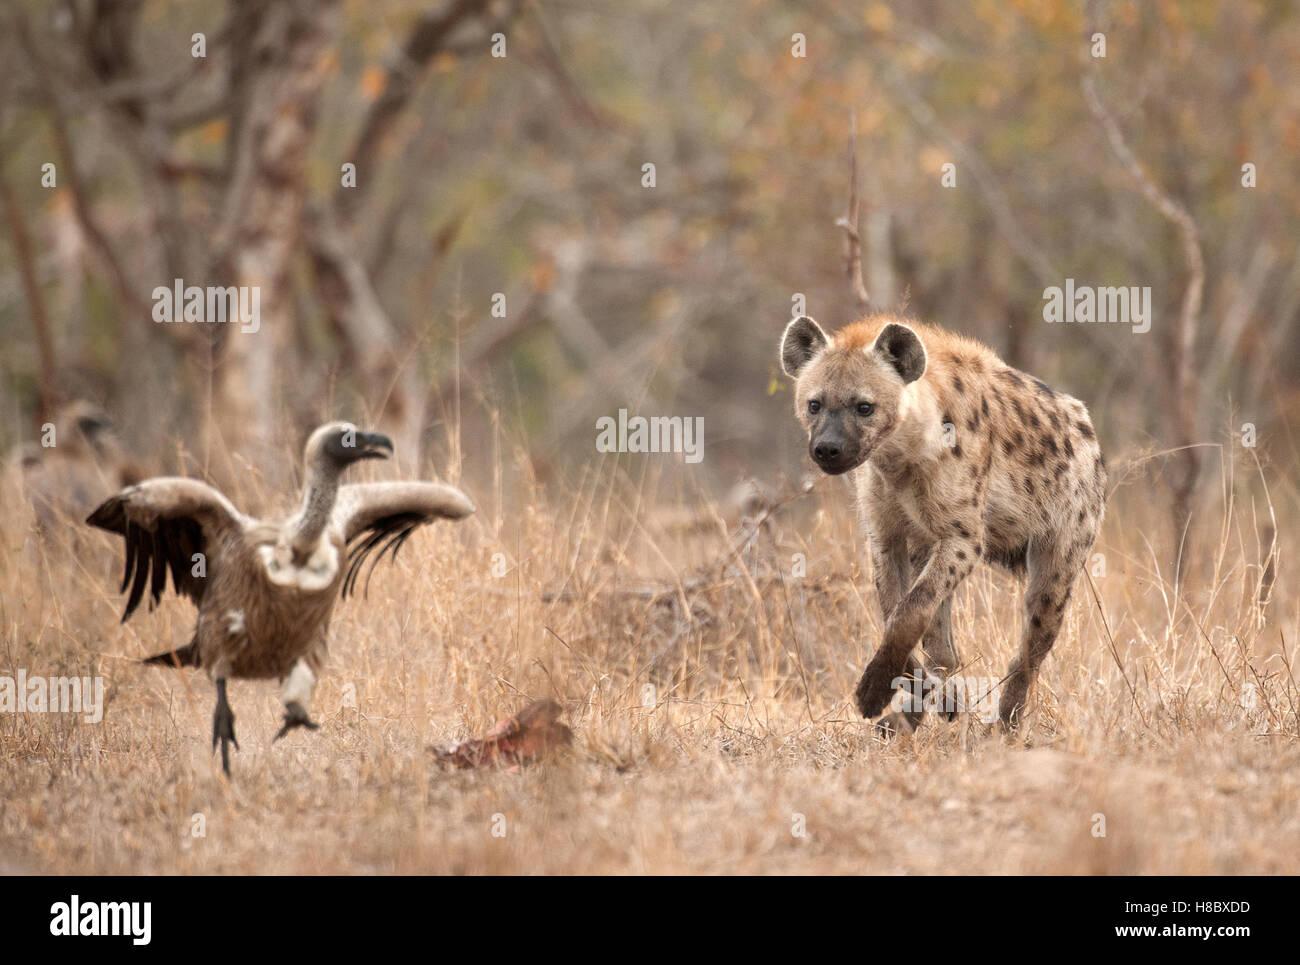 Spotted hyaena inseguono vulture Immagini Stock